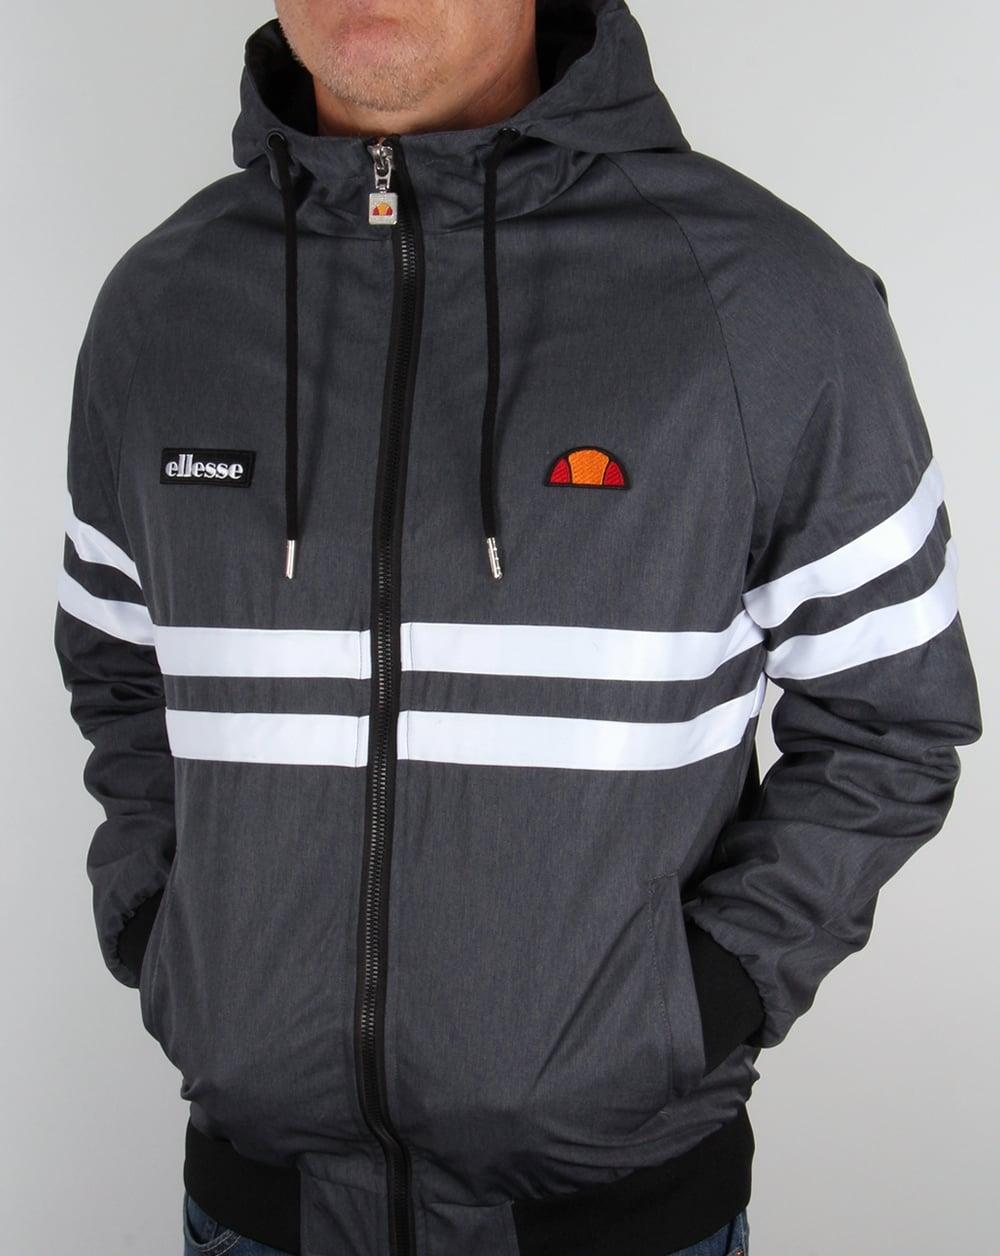 ellesse siata hooded track top navy marl men 39 s jacket top. Black Bedroom Furniture Sets. Home Design Ideas